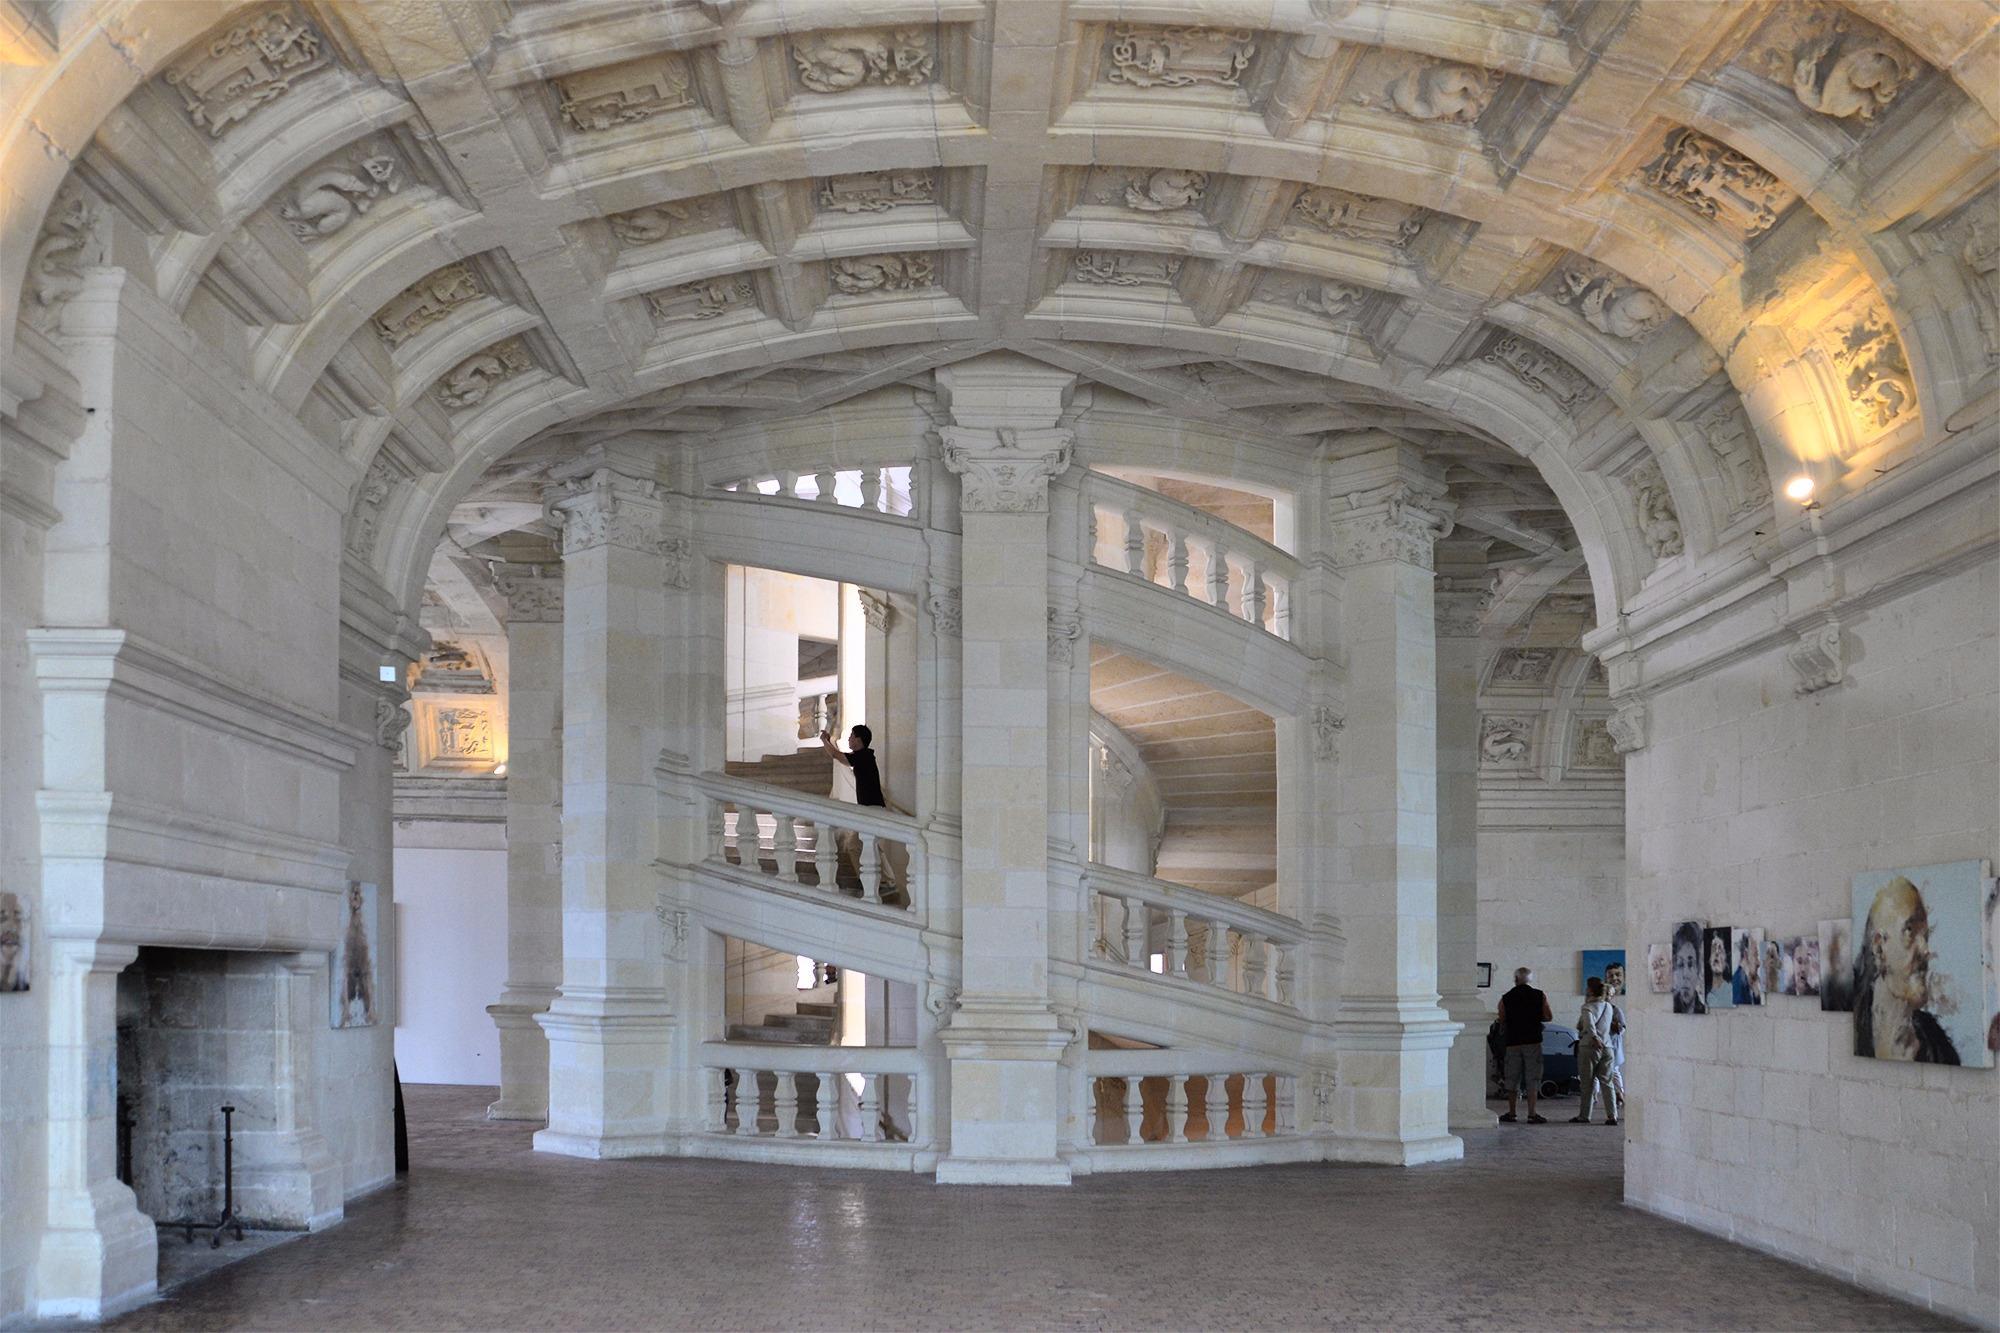 Замок Шамбор, Шамбор, Франция